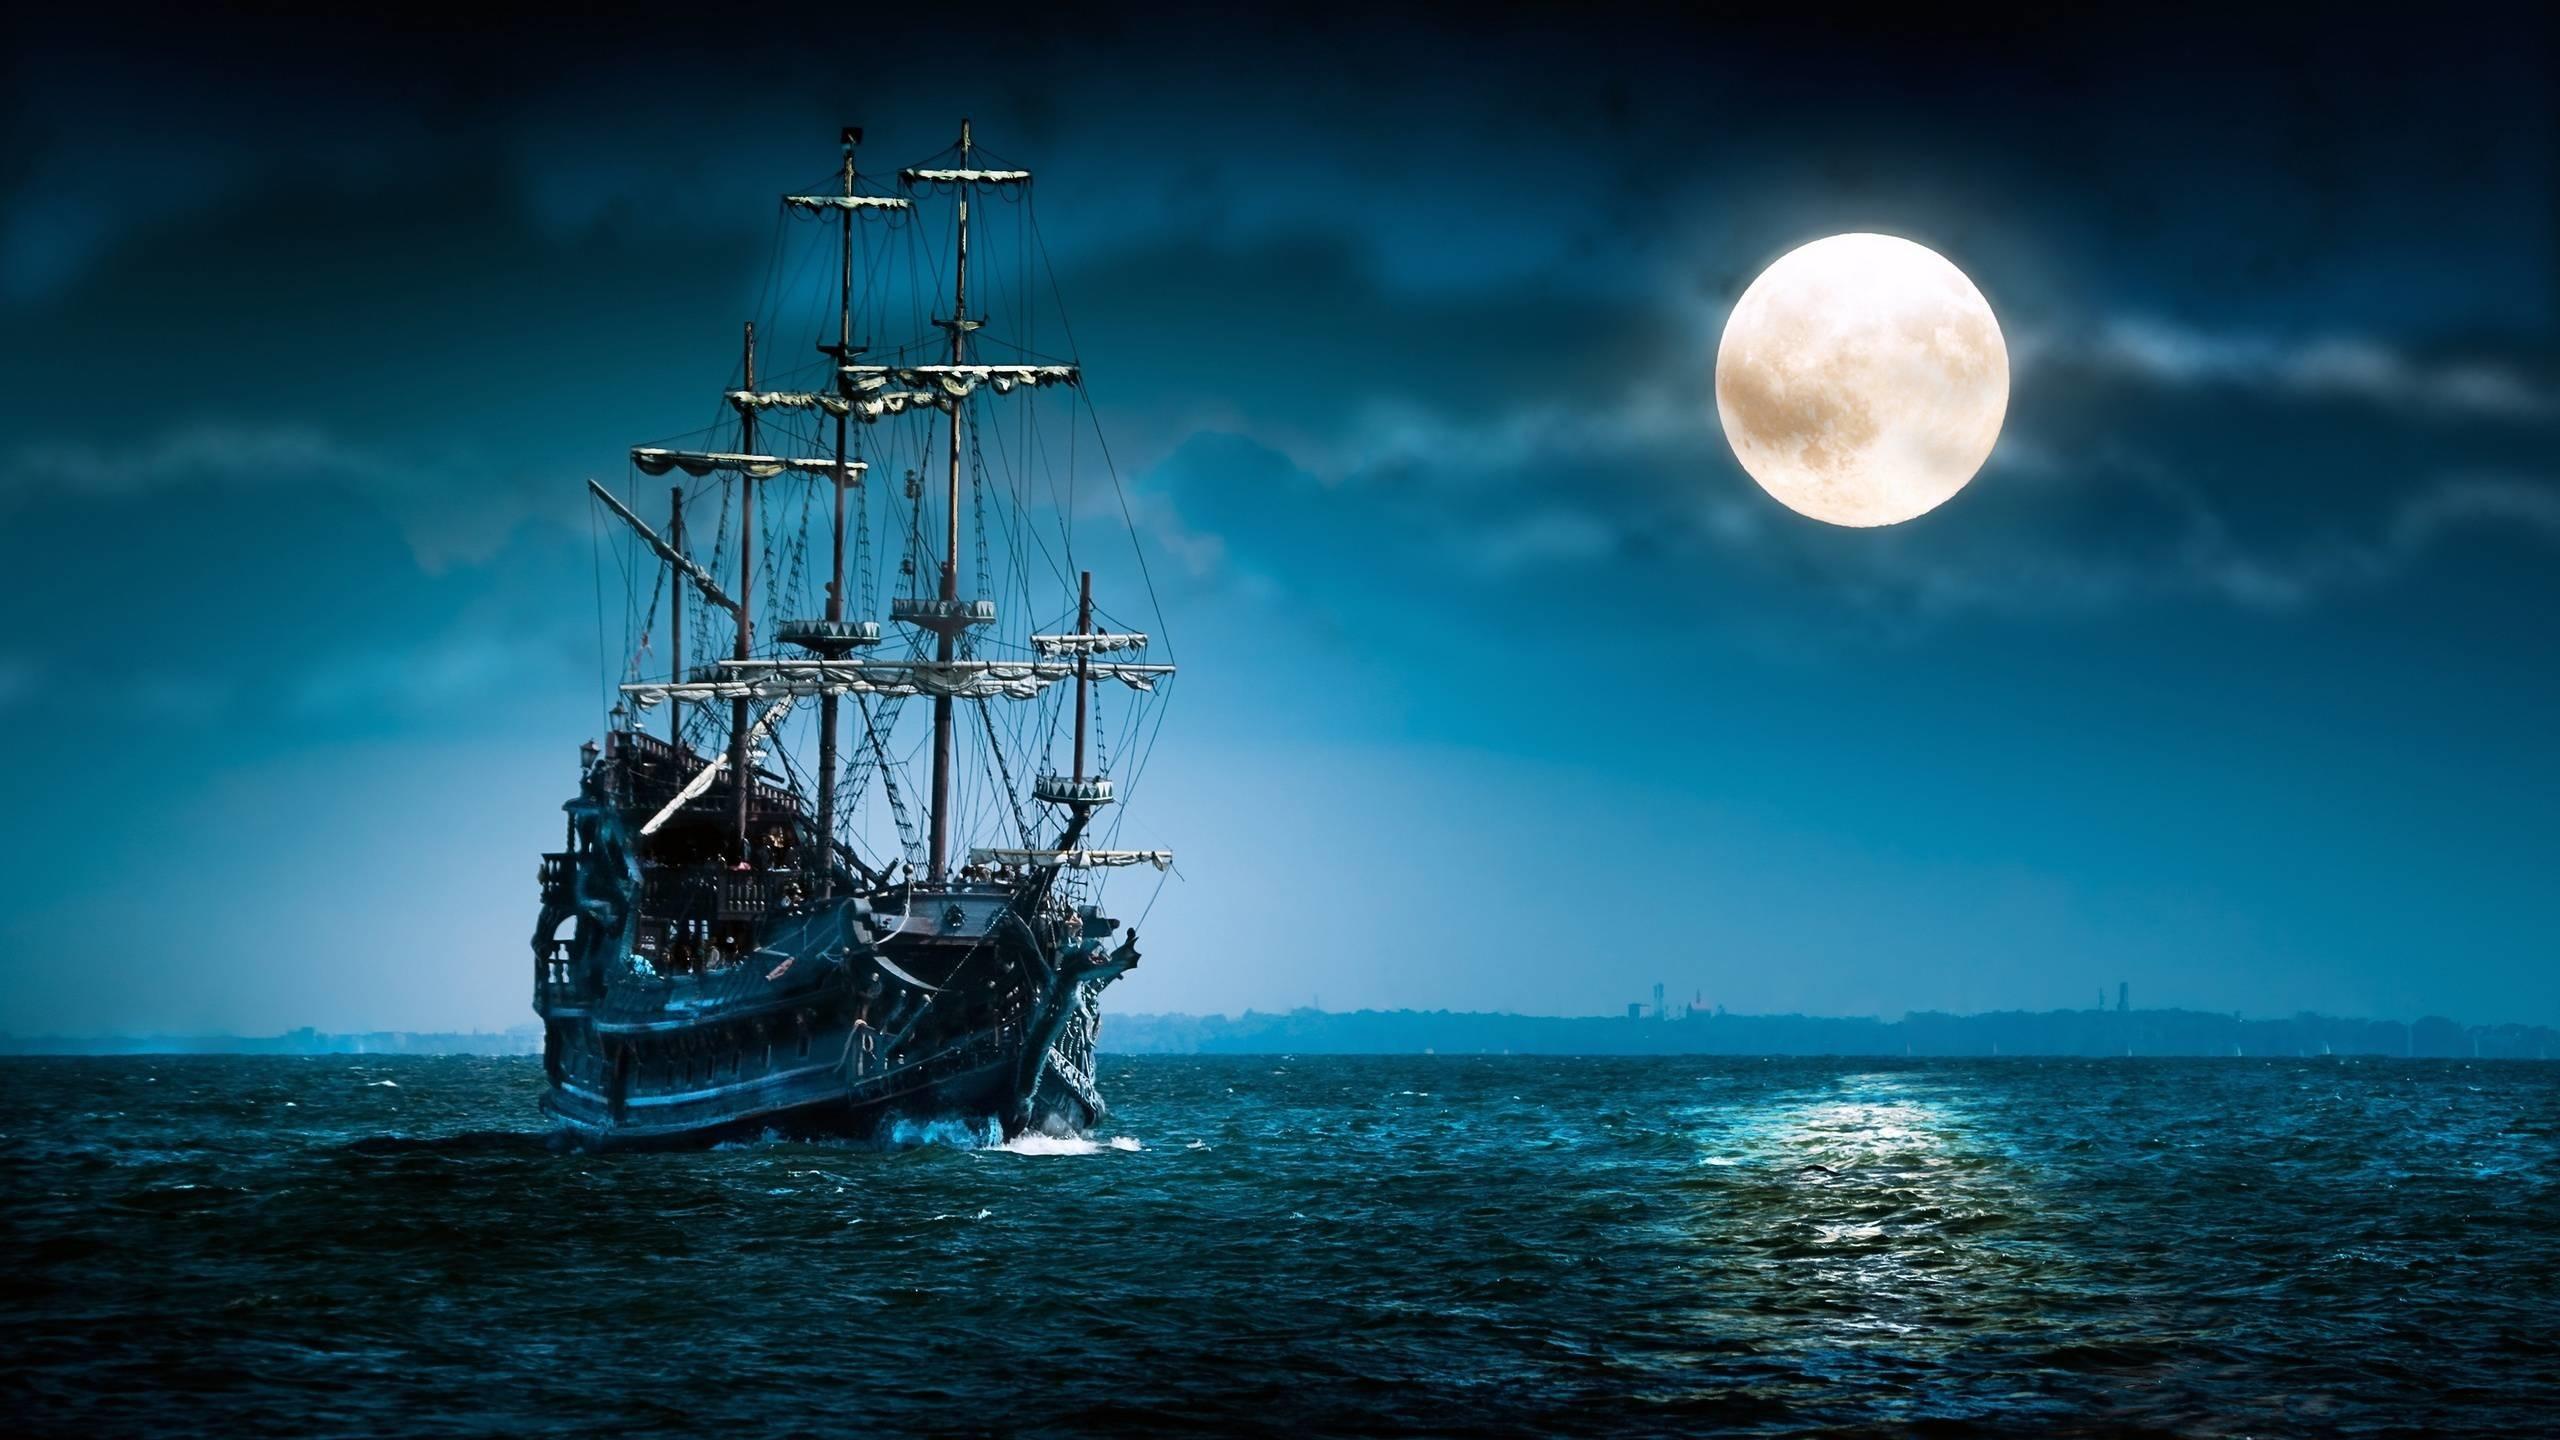 Ảnh mặt trăng và con thuyền trên biển